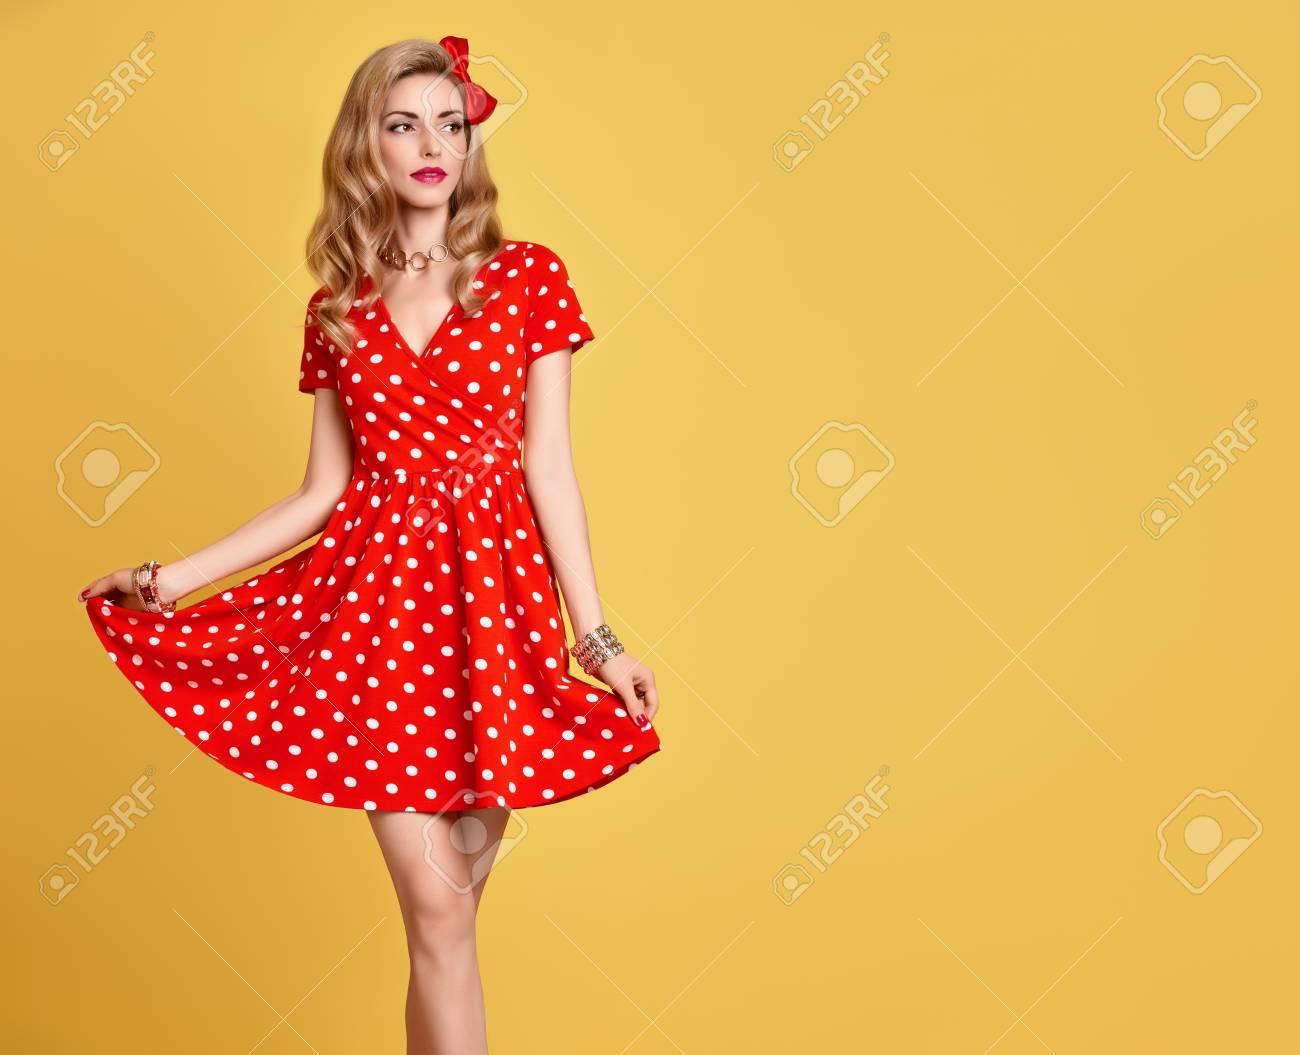 7999d261c91 Beauté De La Mode. PinUp Sensual Blond Girl Sourire En Robe Rouge Lunette  D été. Femme à La Mode Pose. Fashionly Stylish Curly Hairstyle